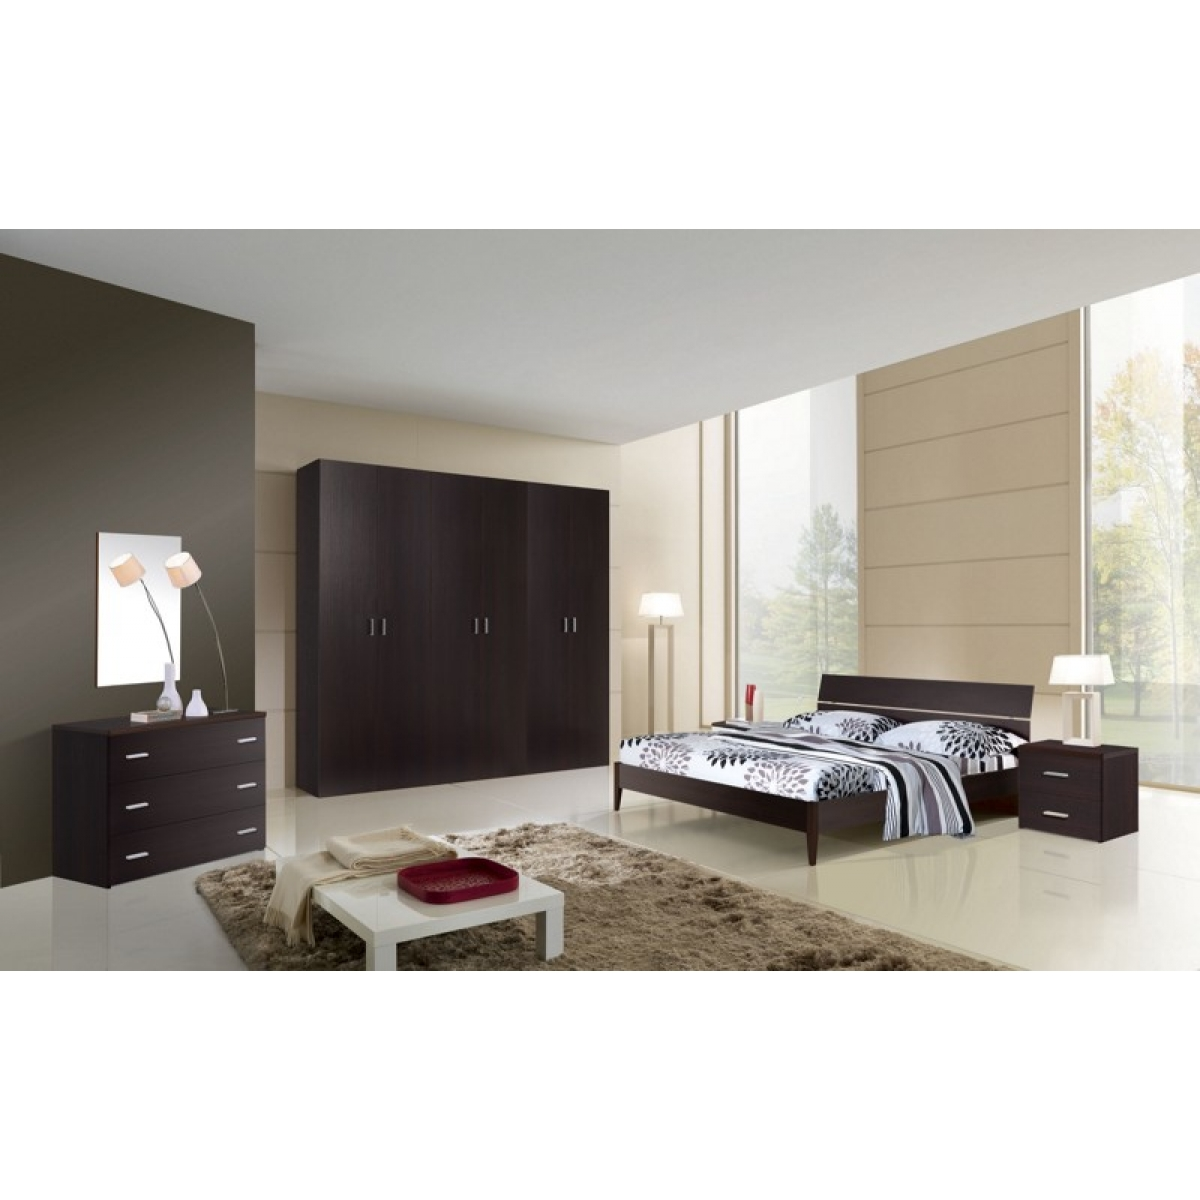 216 camera da letto completa moderna - Camera da letto moderna completa ...